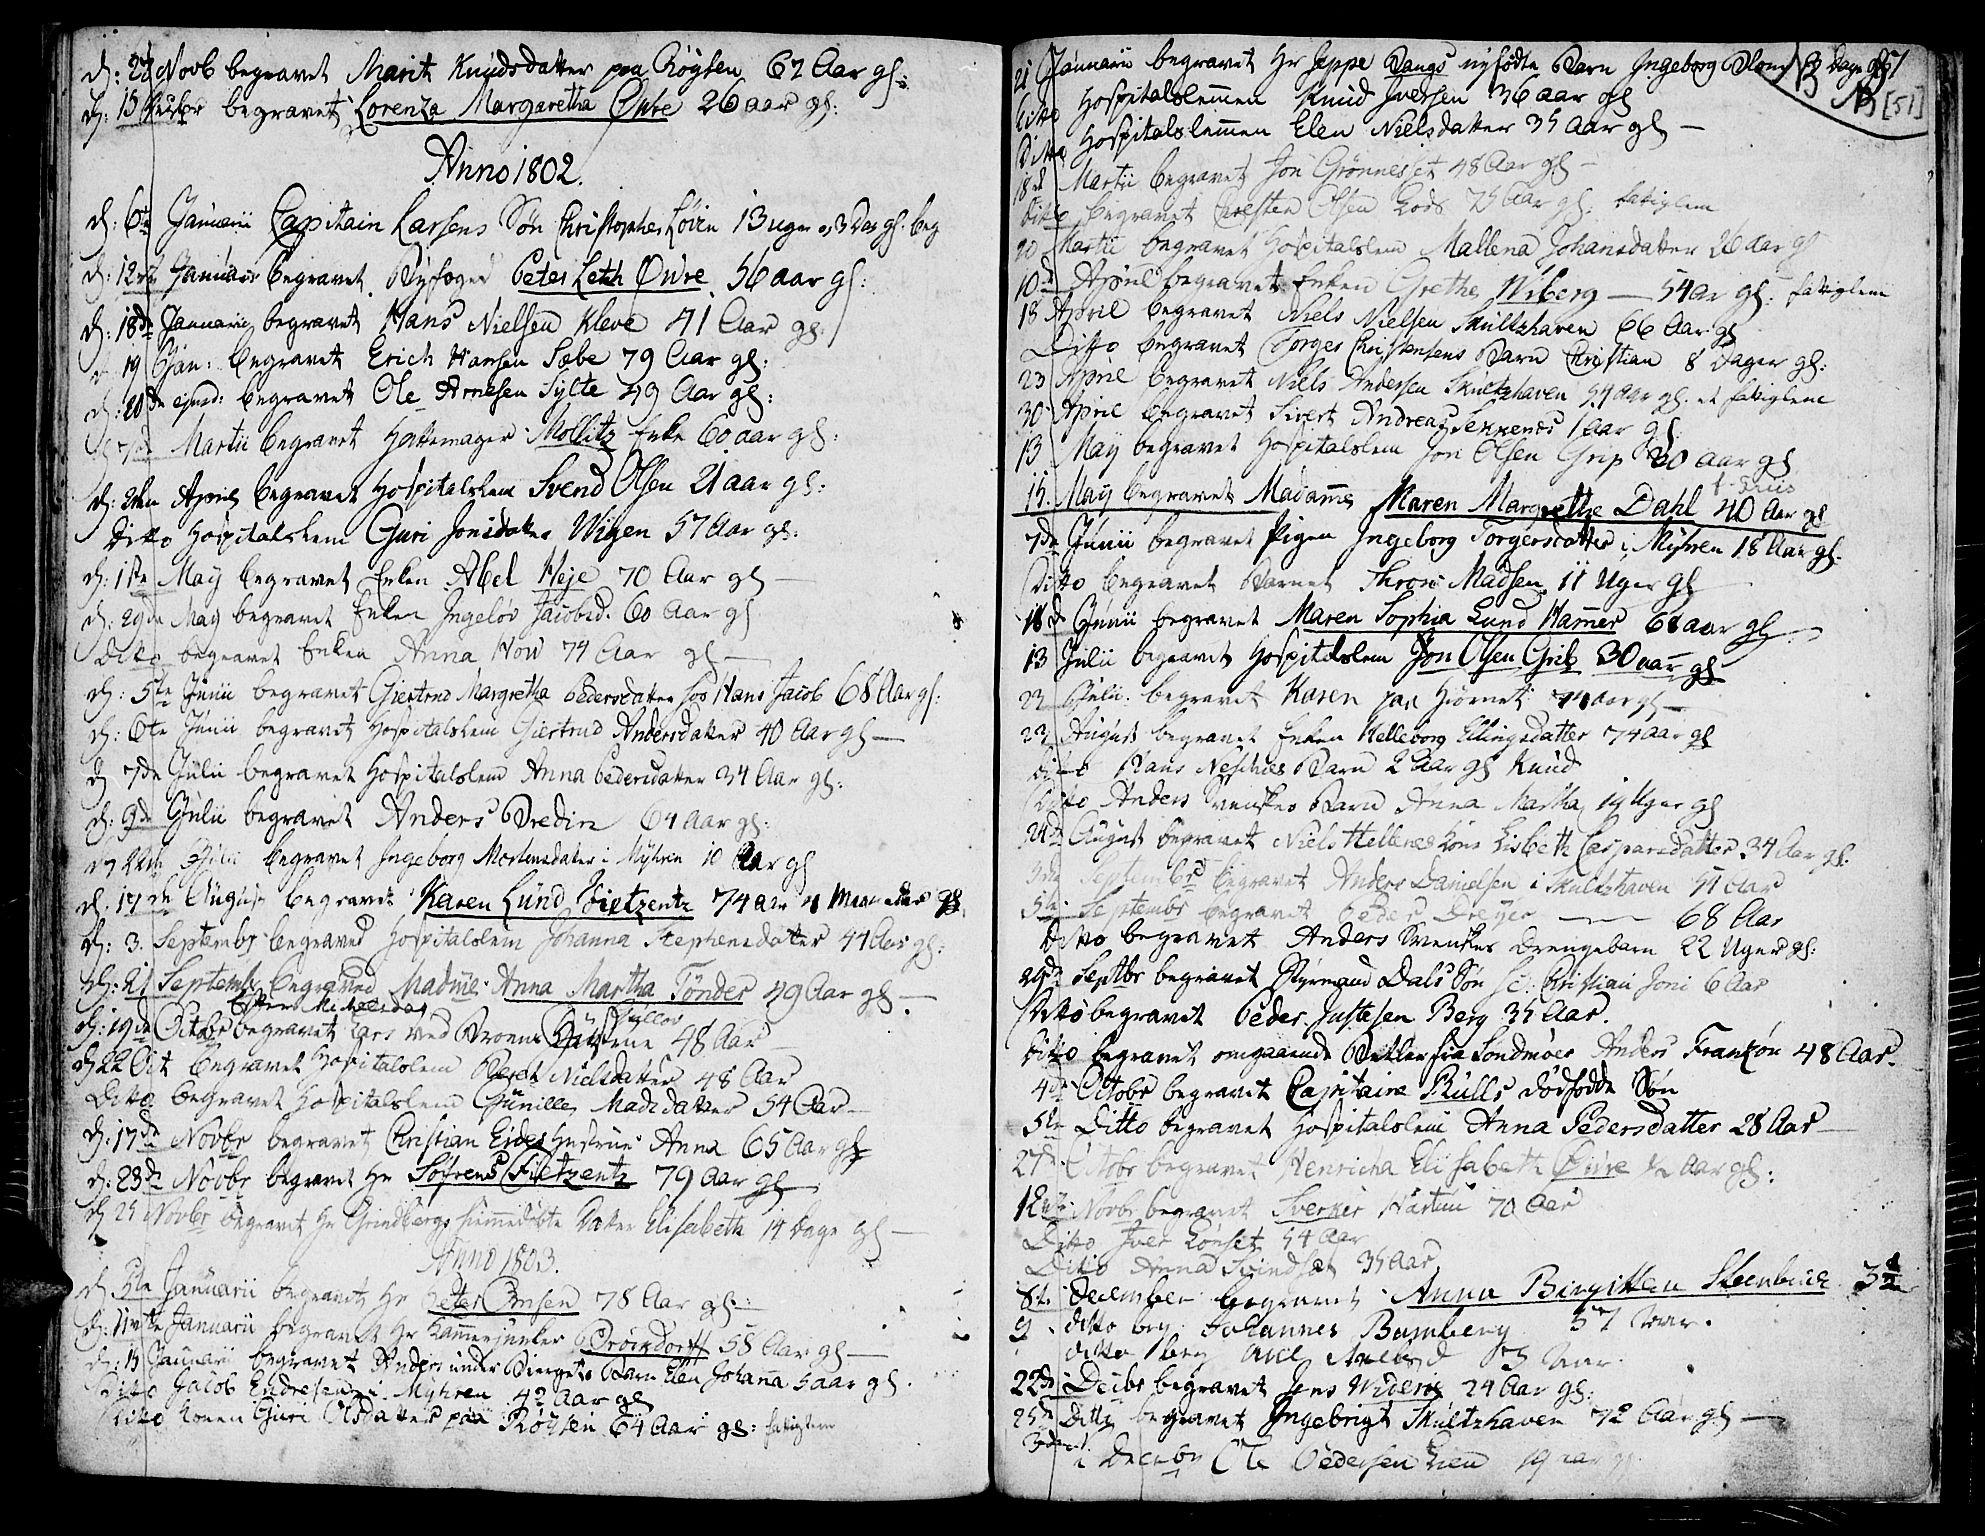 SAT, Ministerialprotokoller, klokkerbøker og fødselsregistre - Møre og Romsdal, 558/L0687: Ministerialbok nr. 558A01, 1798-1818, s. 51